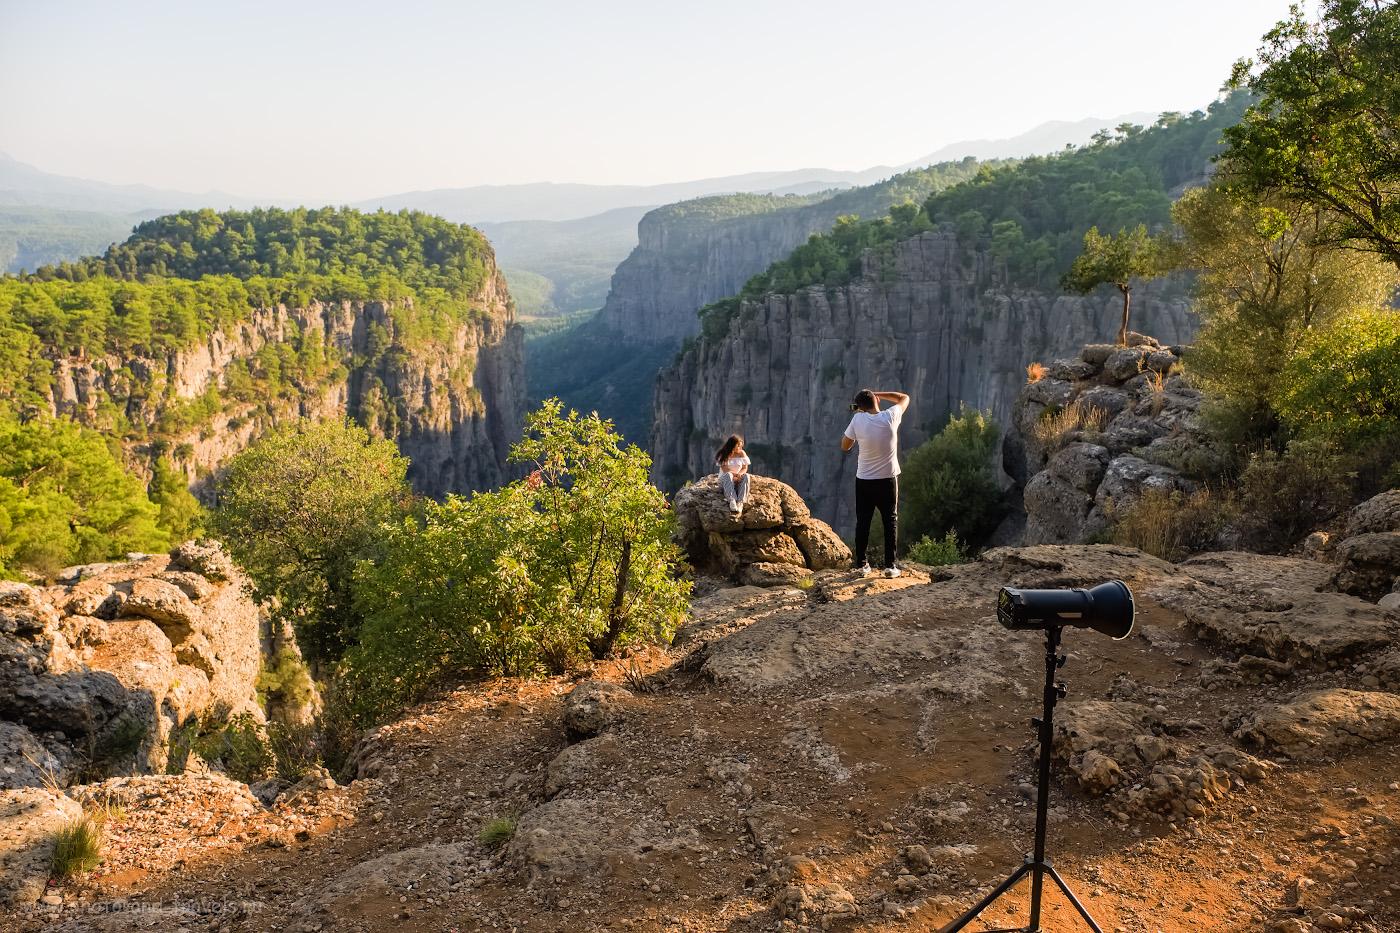 10. Фотосессия на краю каньона Тазы. Сейчас это - одно из популярных мест в окрестностях Анталии для съемки фоточек в Инстаграм. Пришлось дожидаться, когда ребята закончат. Места не так уж много. Если попадете сюда днем, видимо, будет трудно снять селфи без посторонних в кадре. 1/500, 4.0, 200, -0.67, 16.